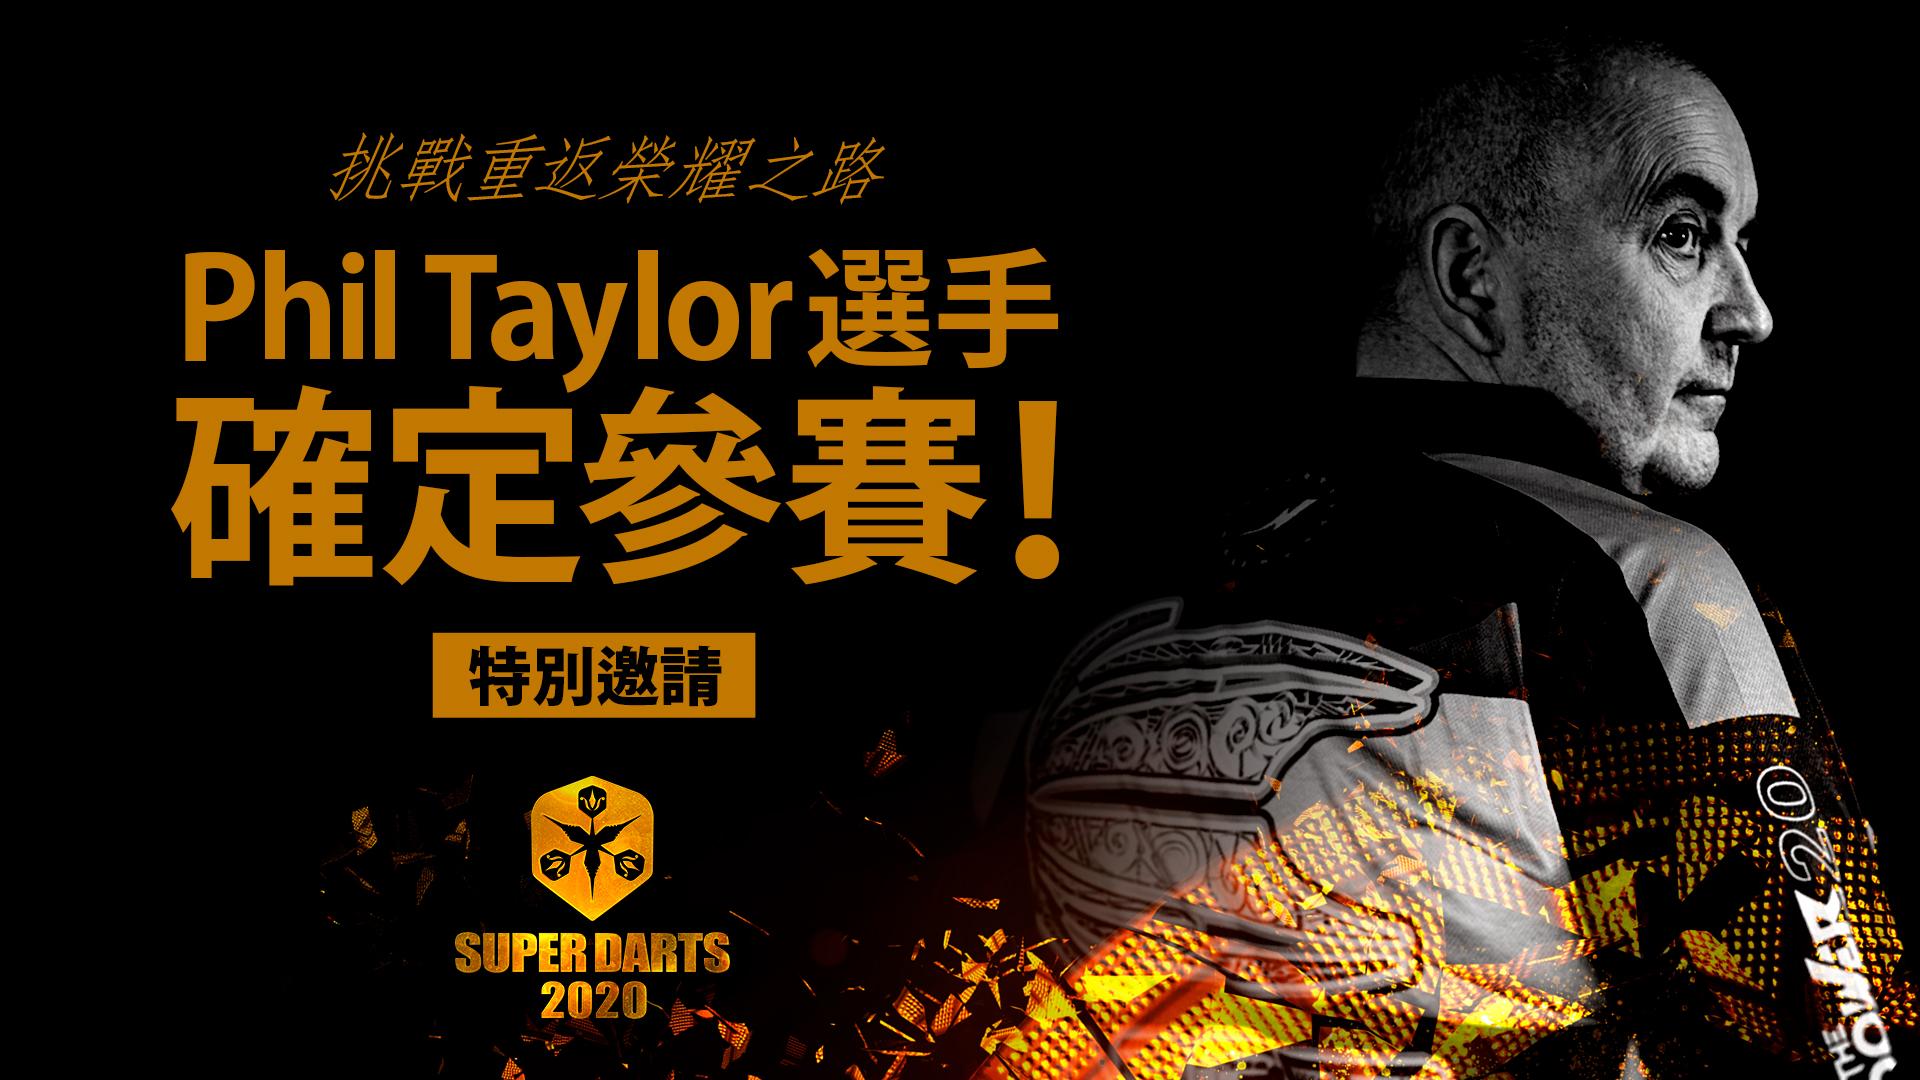 【特別邀請】Phil Taylor選手確定參賽!